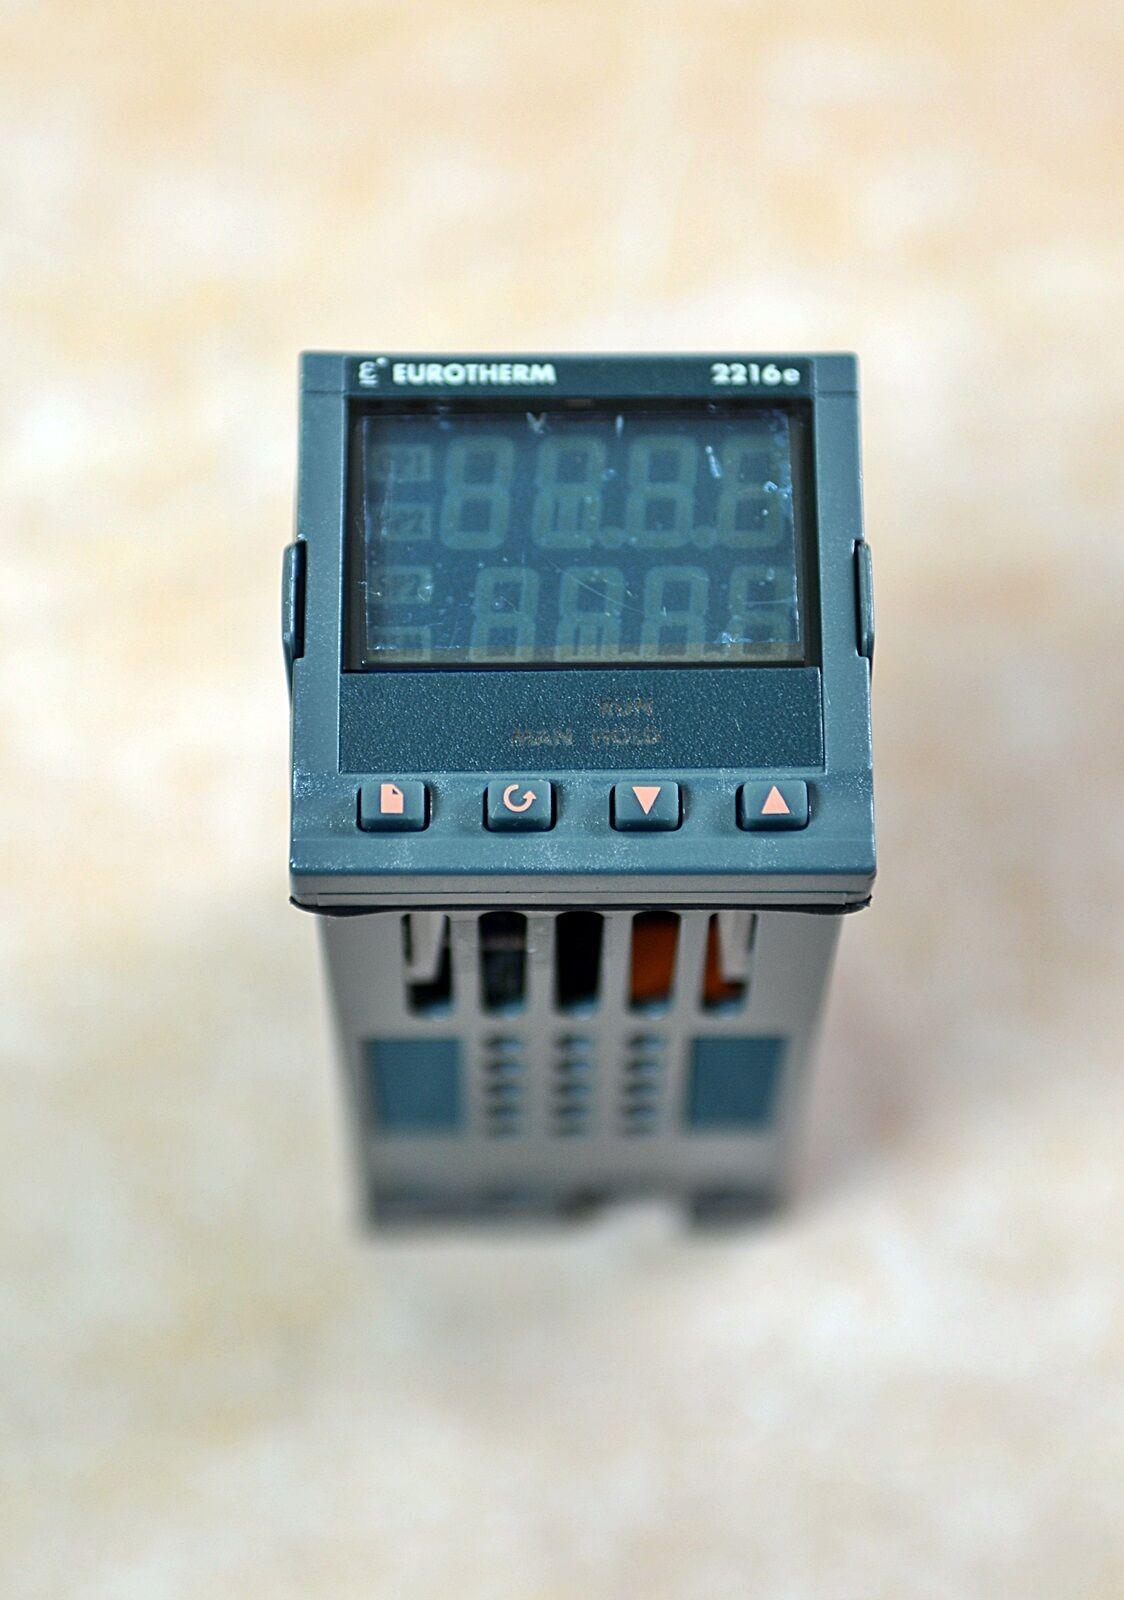 Eurotherm Temperature Controller 2216e/cc Ship | eBay